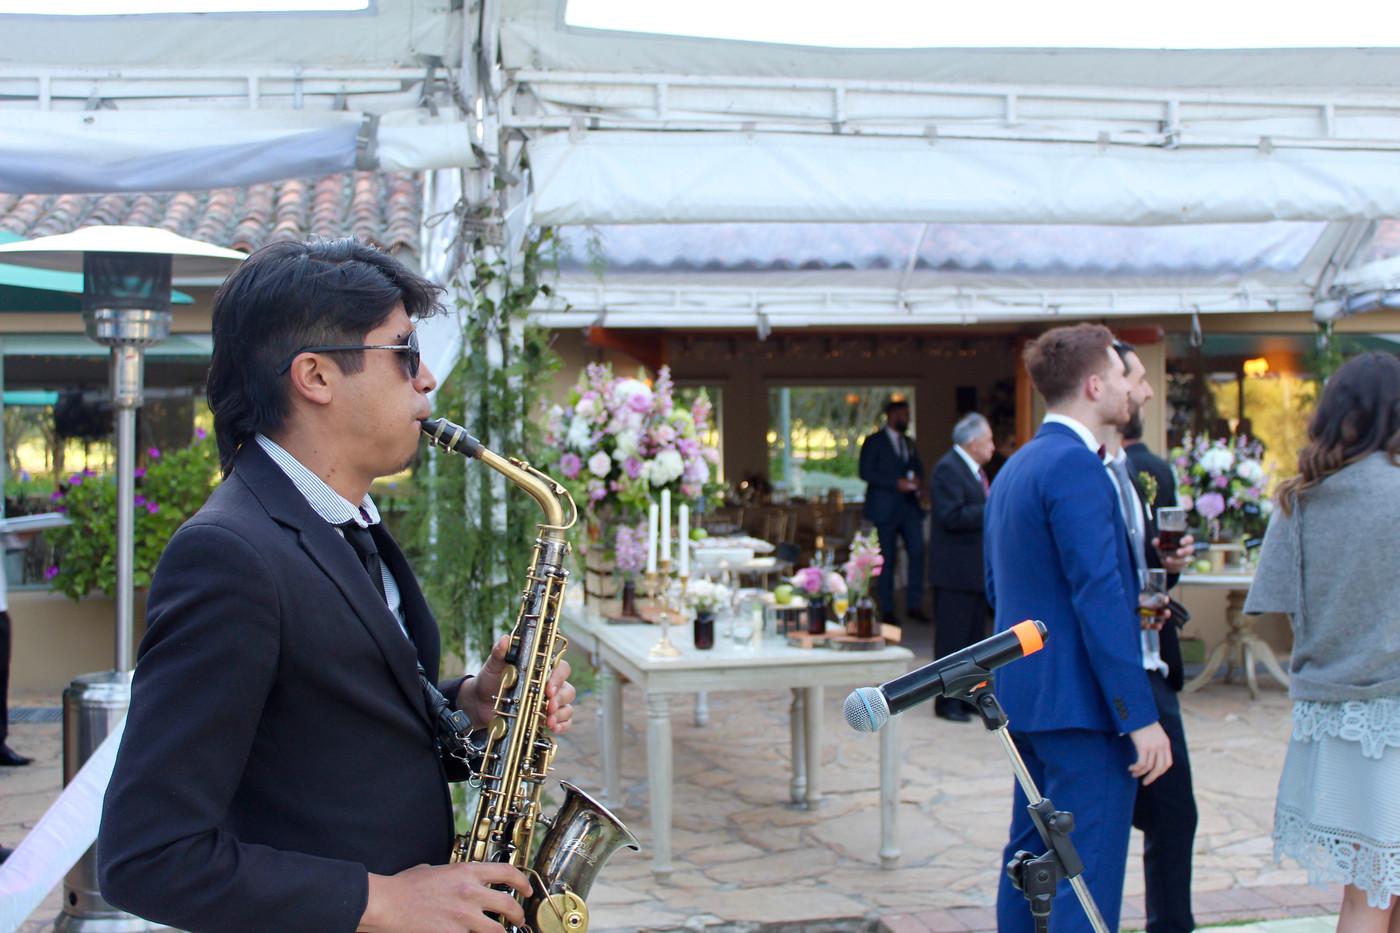 amenización saxofon